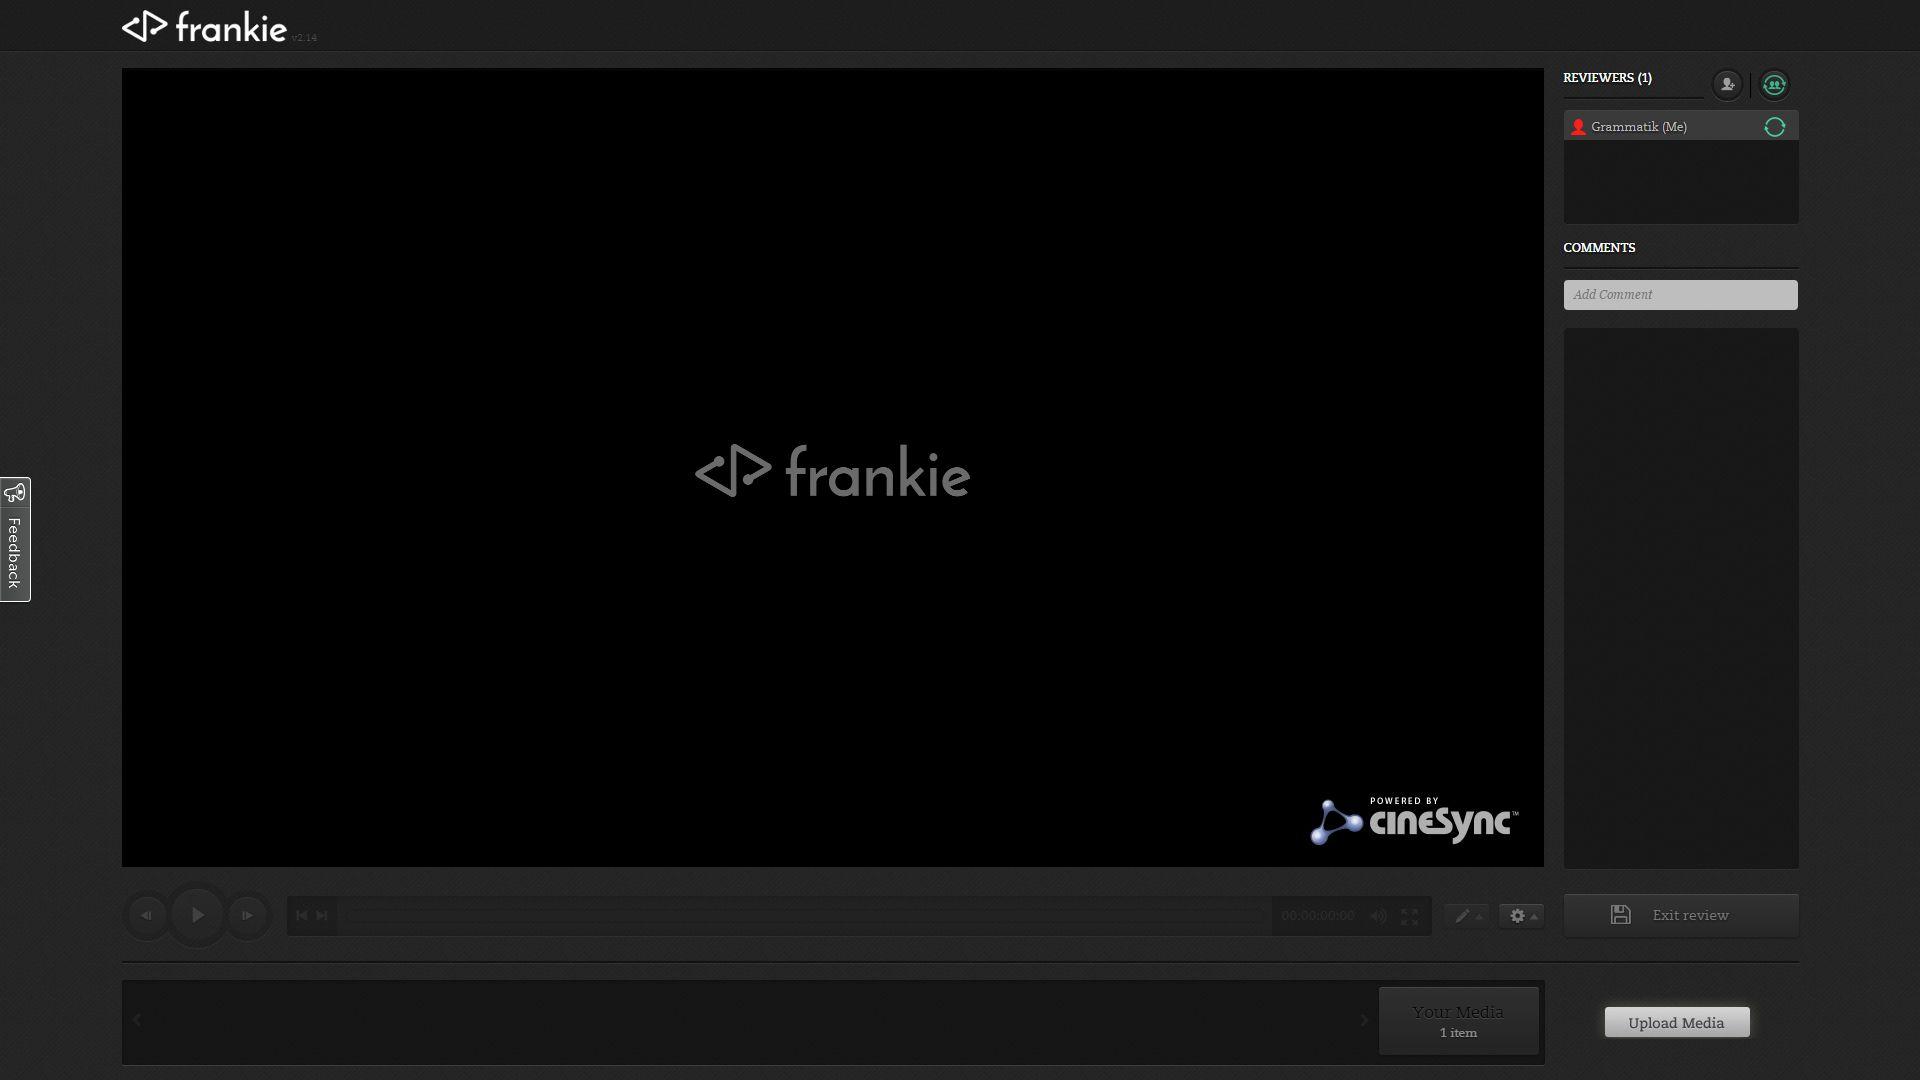 frankie ss1